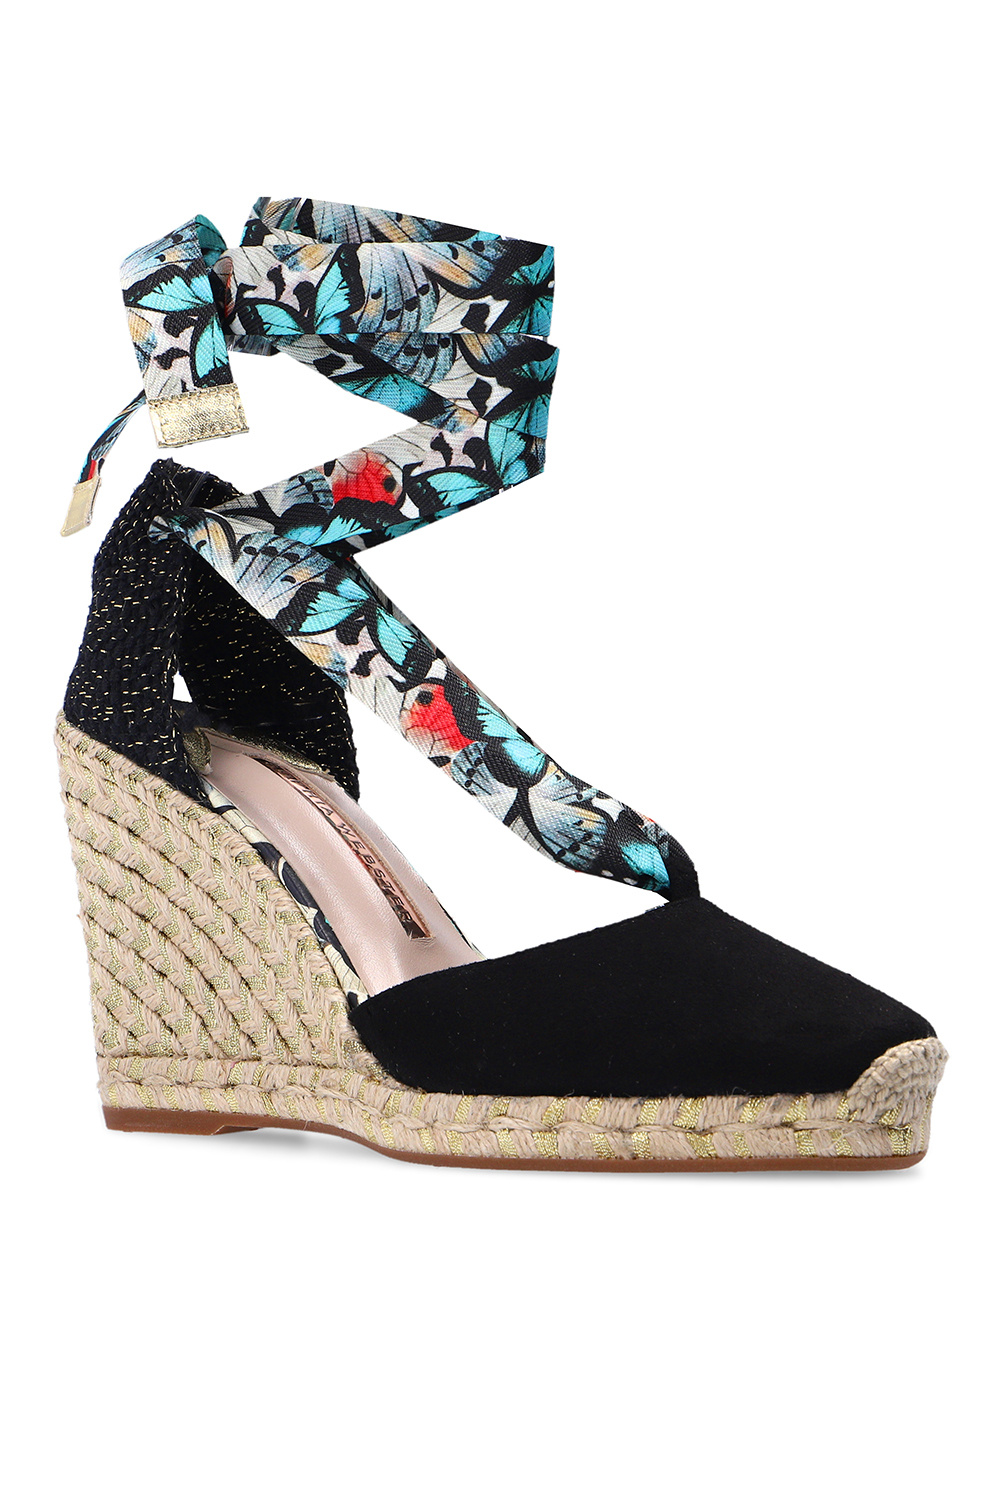 Sophia Webster 'Valentina' wedge sandals